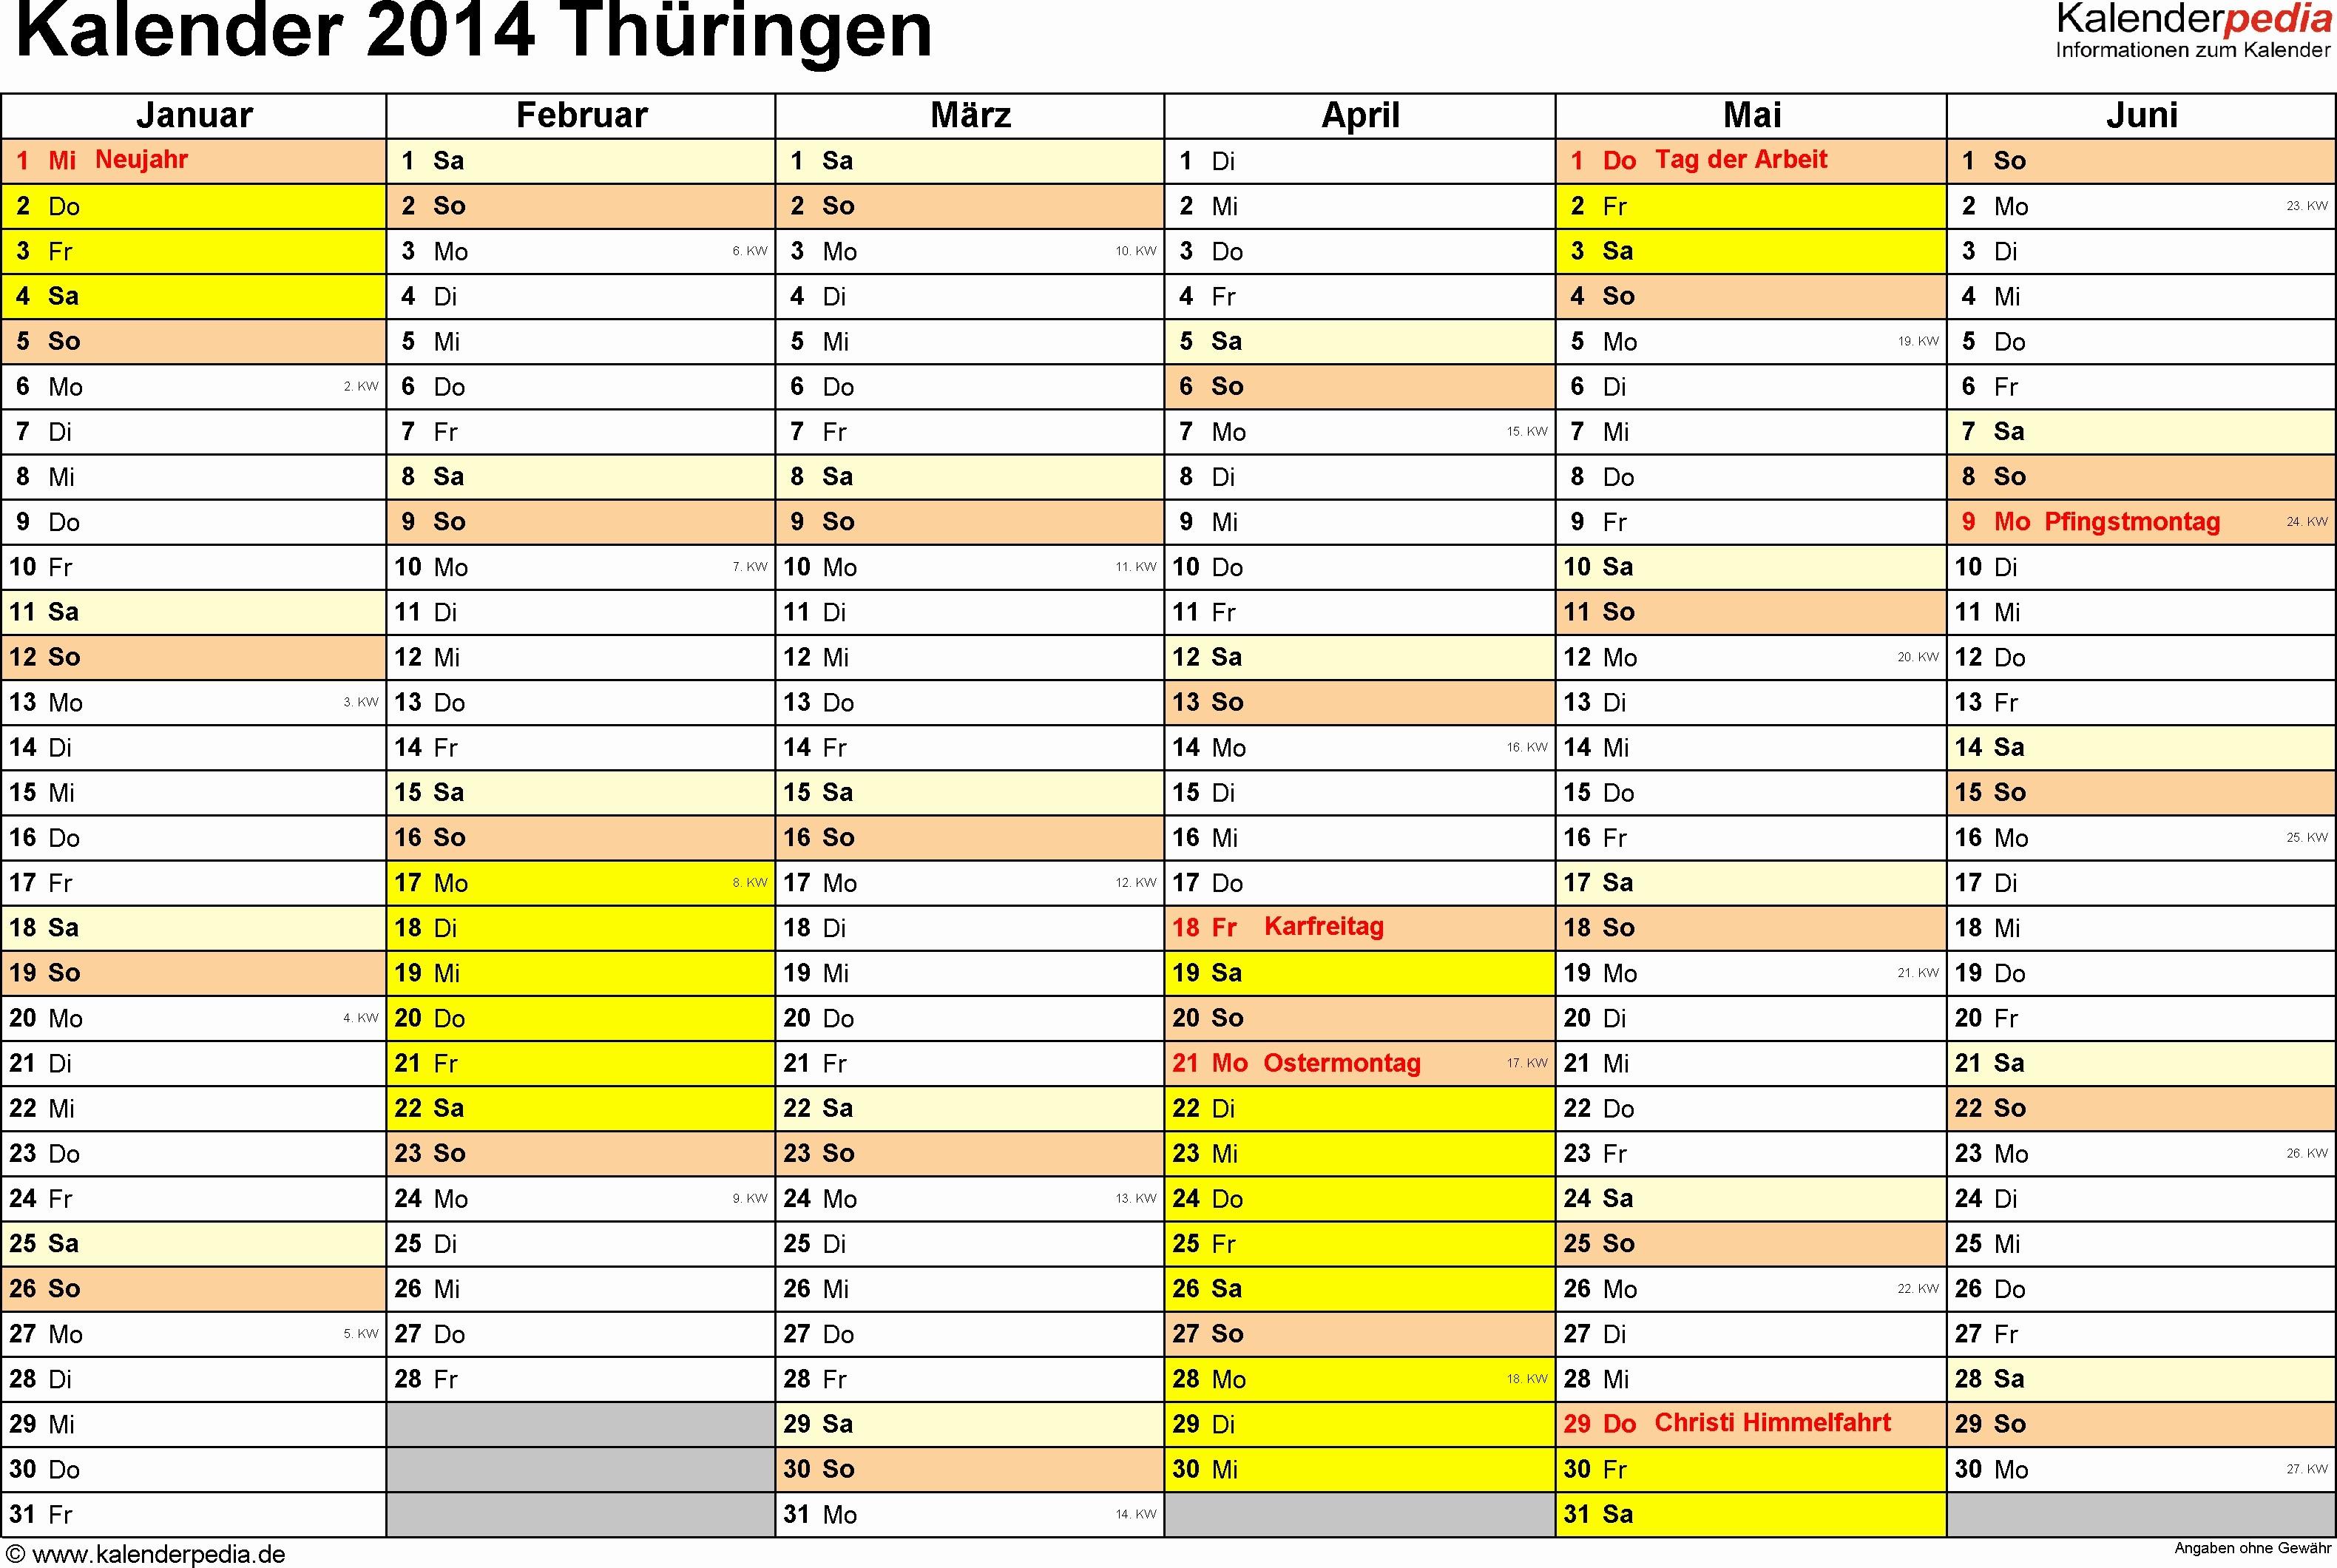 Kalender 2017 Mit Feiertagen Und Ferien Einzigartig Kalender 2014 Excel Per Maand Archidev